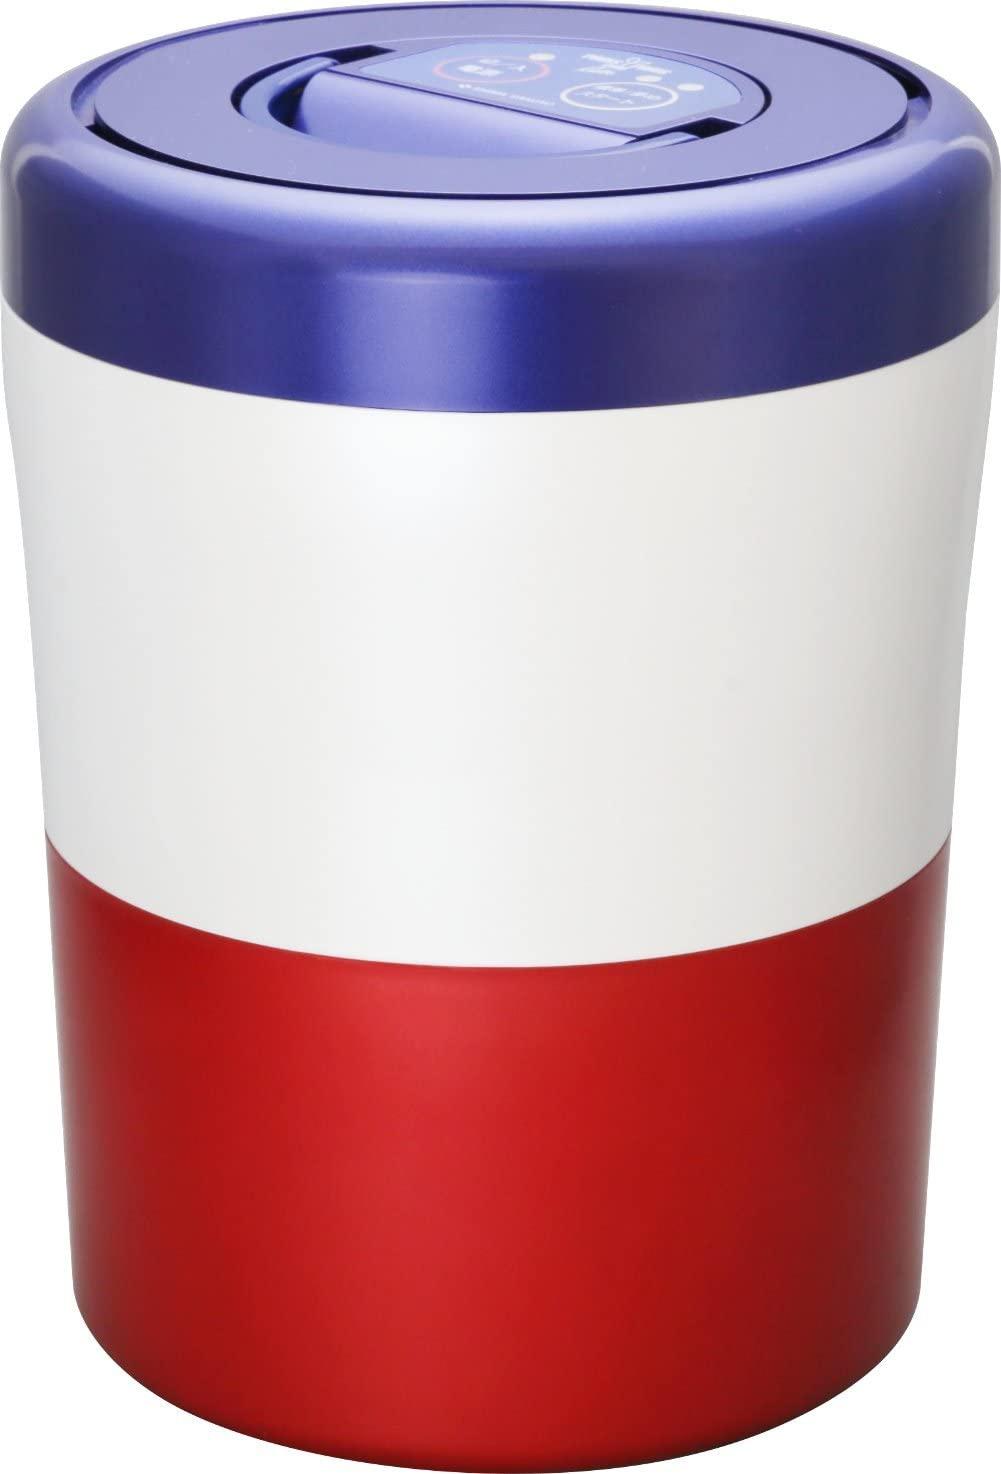 人気 島産業 家庭用生ごみ減量乾燥機 パリパリキューブライトアルファ トリコロール 新登場 メーカー取寄